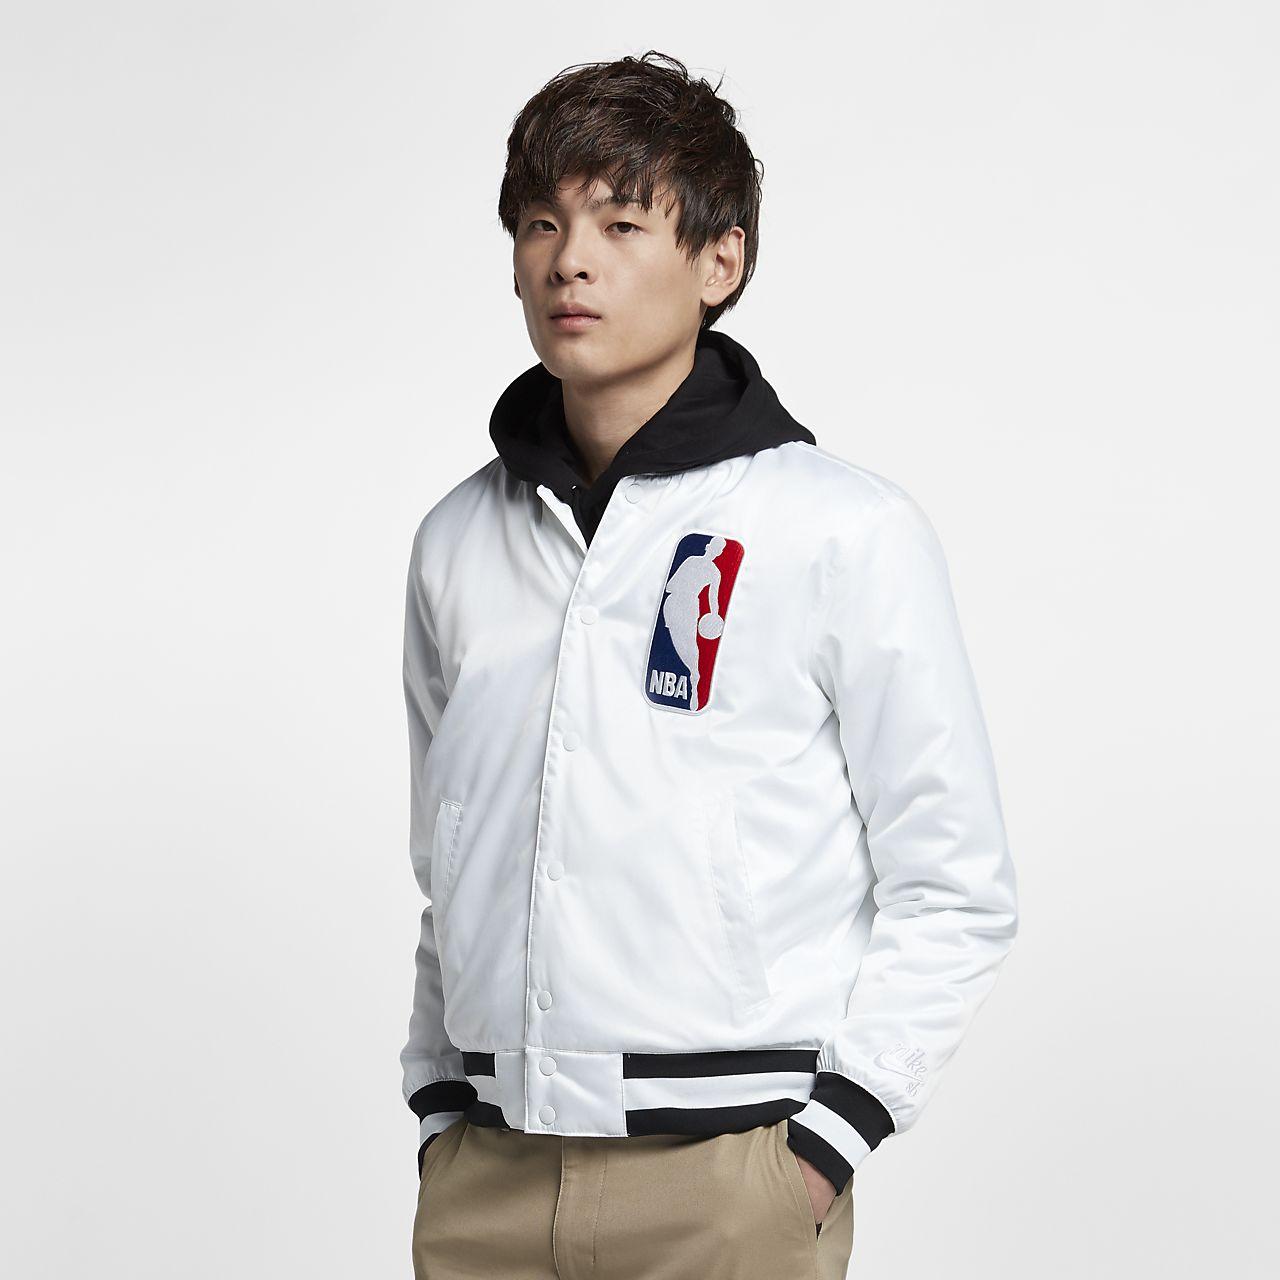 เสื้อแจ็คเก็ตบอมเบอร์ผู้ชาย Nike SB x NBA